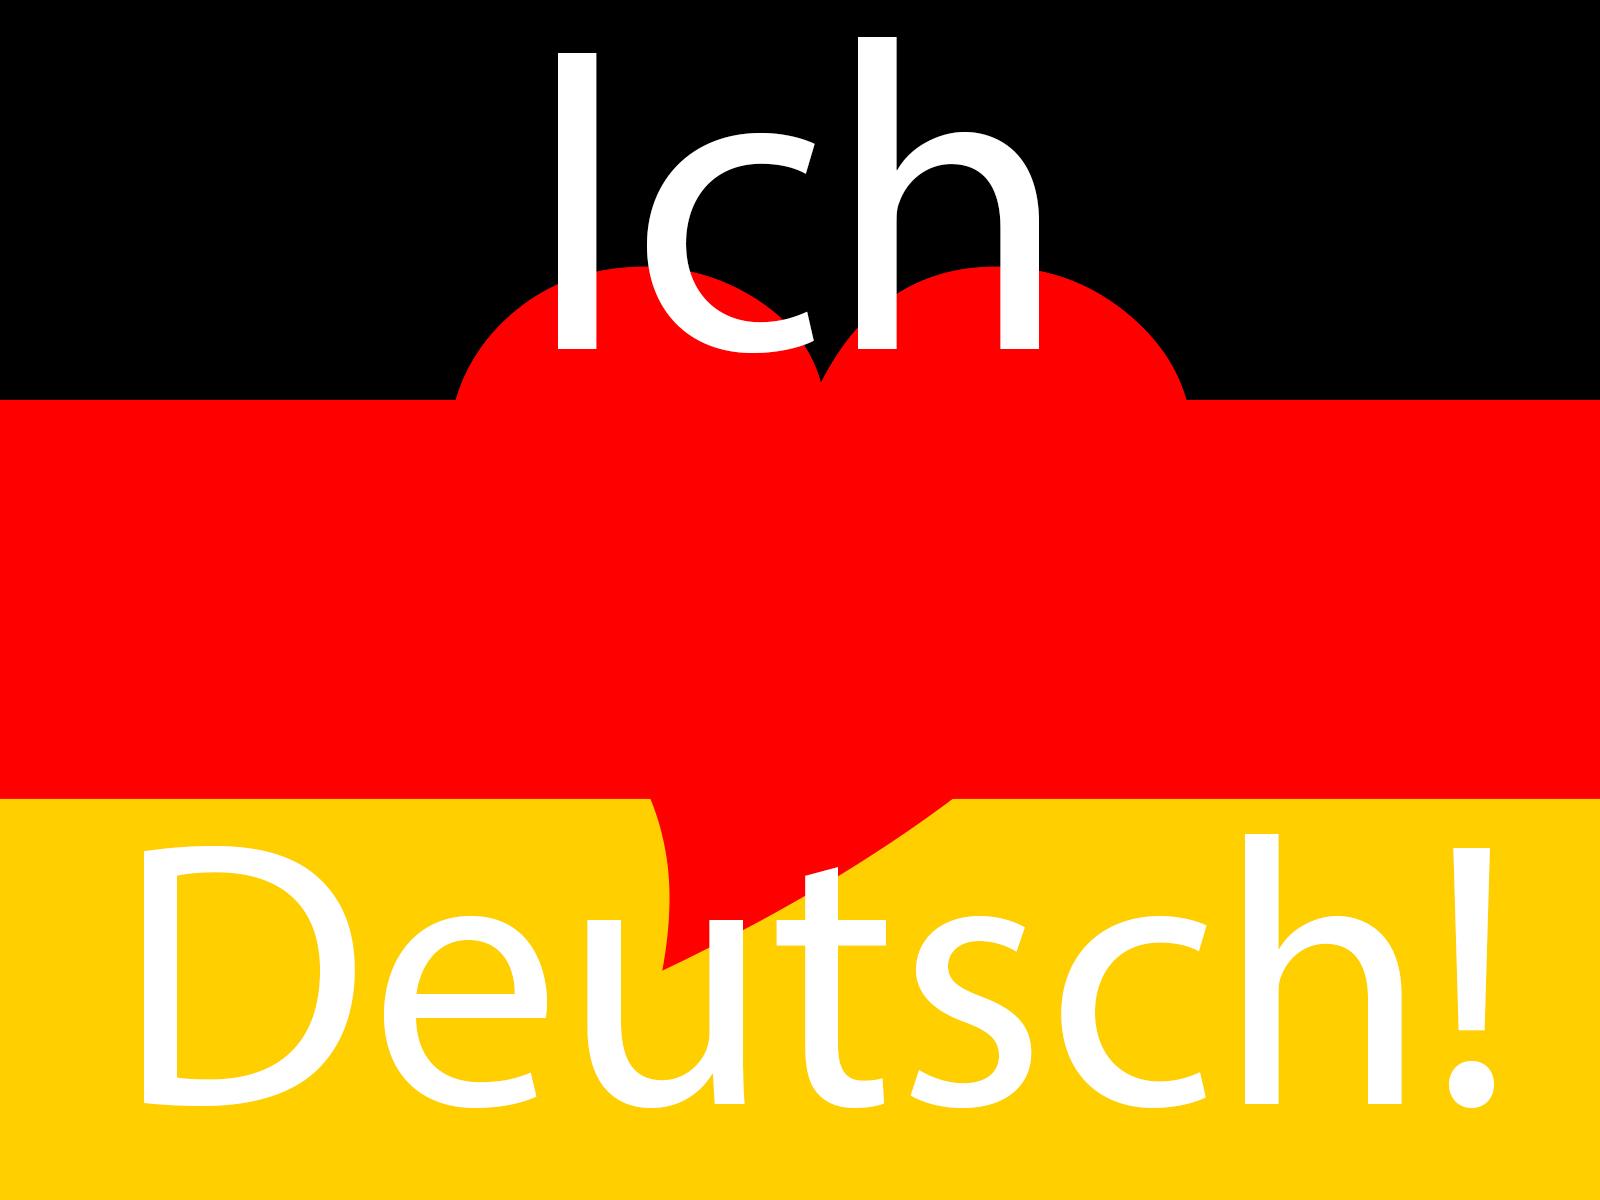 версия сайта ContestFX на немецком языке